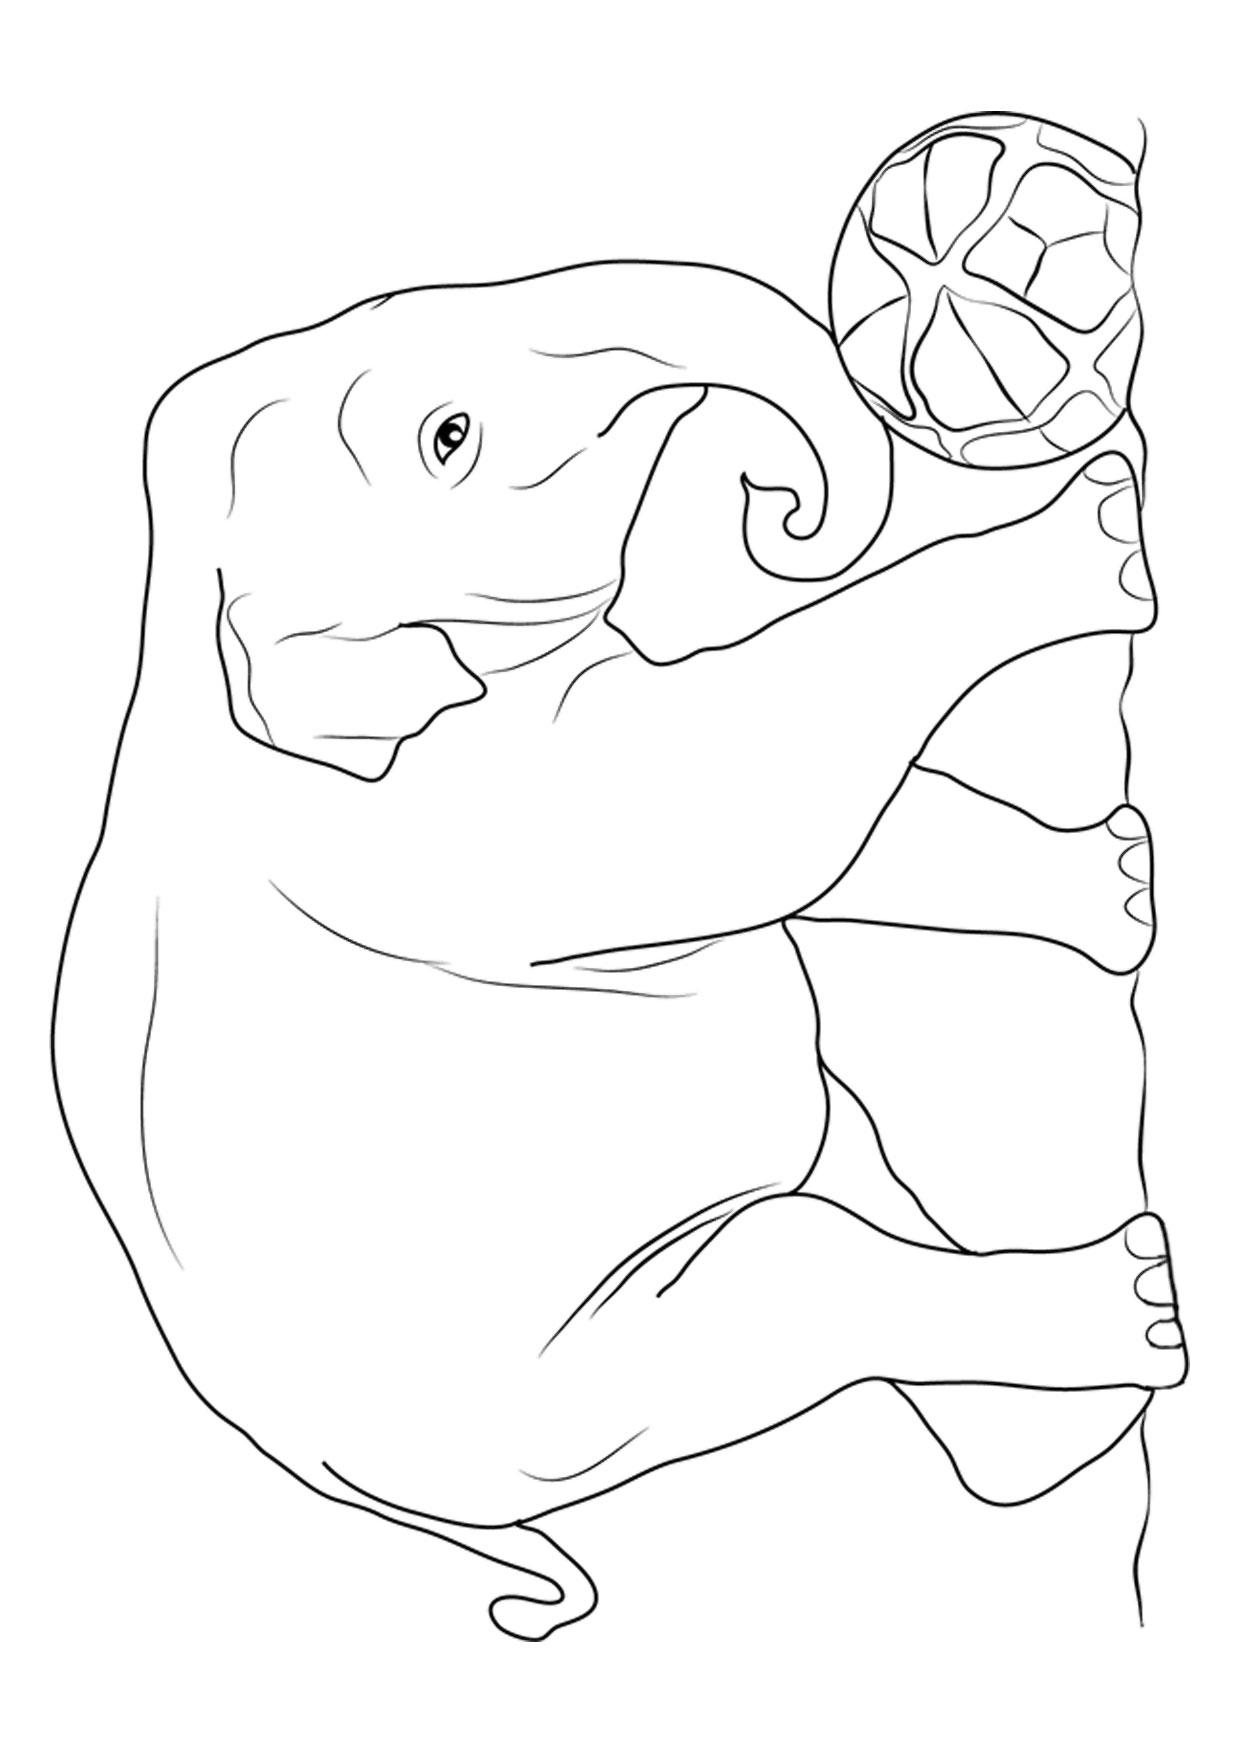 Disegno di elefanti da colorare 13